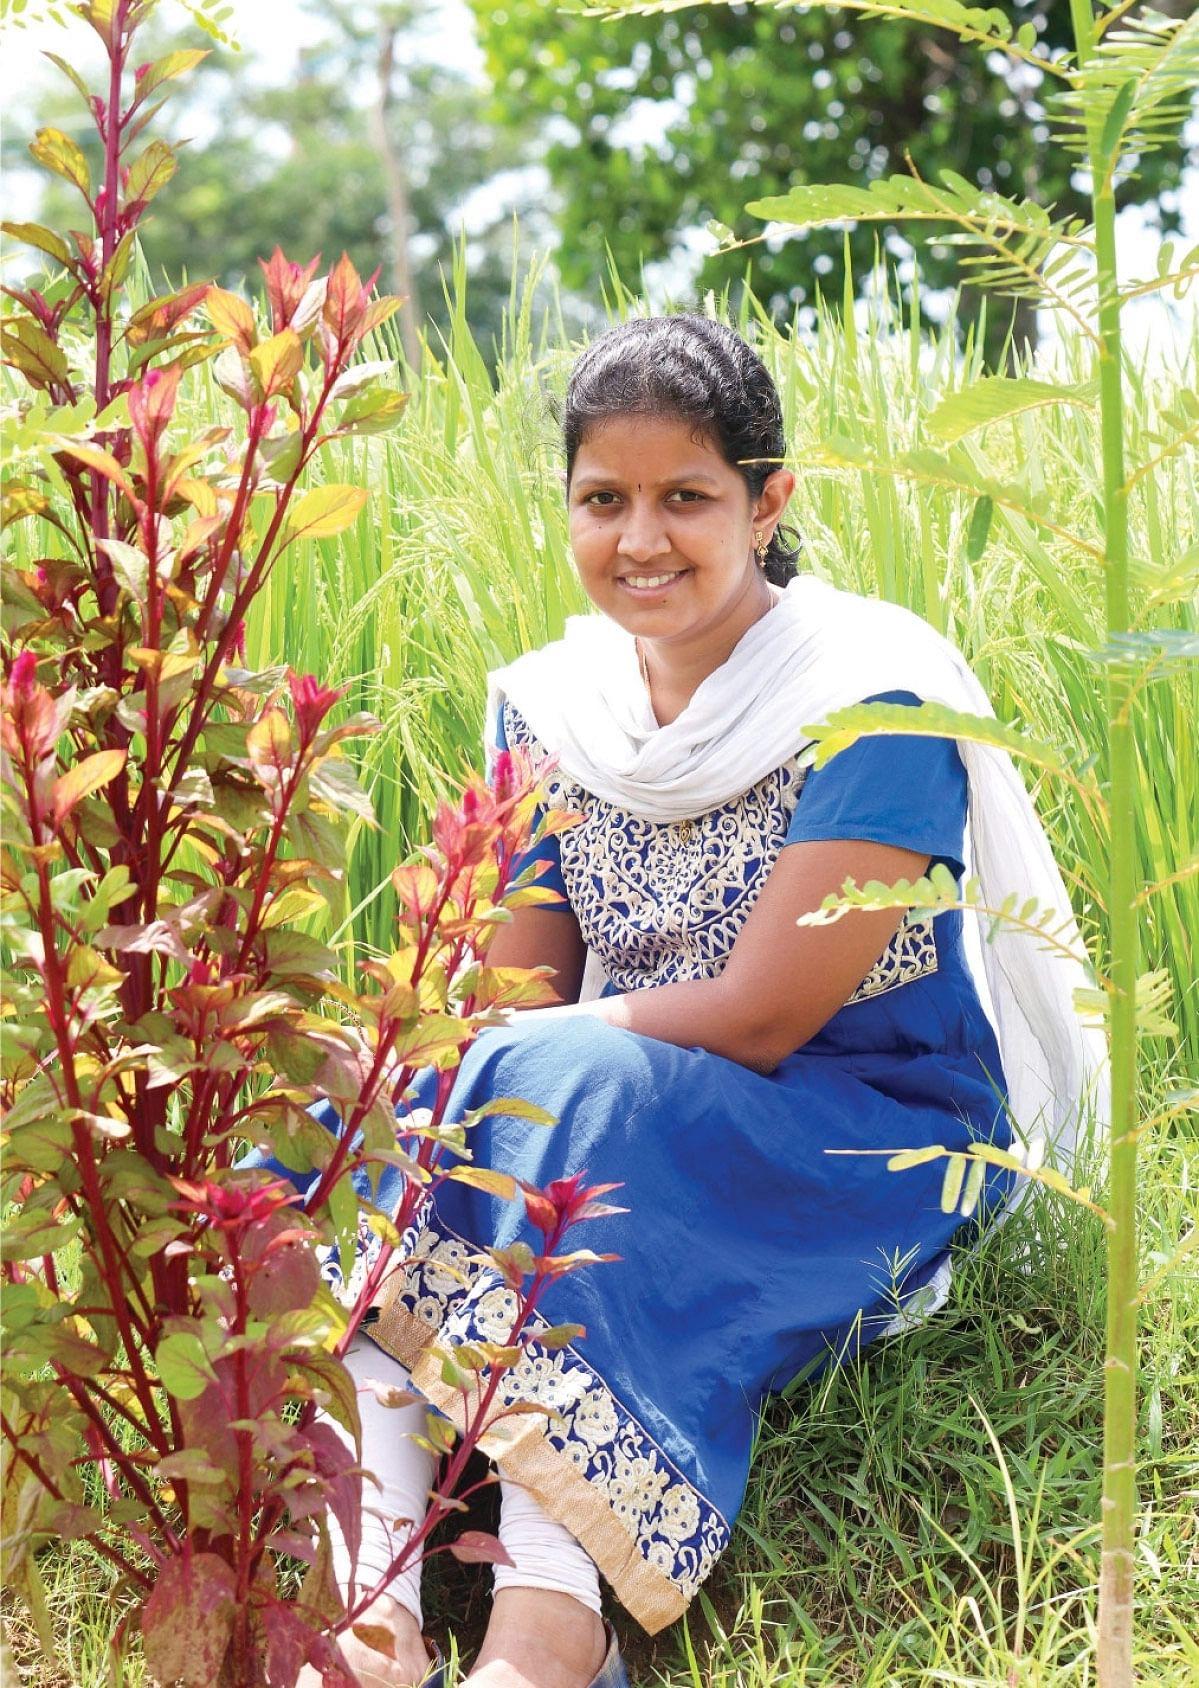 `160 விவசாயிகளுக்கு வருவாய், 800 குடும்பங்களுக்குக் காய்கறிகள்...' - அர்ச்சனா ஸ்டாலின் அசத்தல்